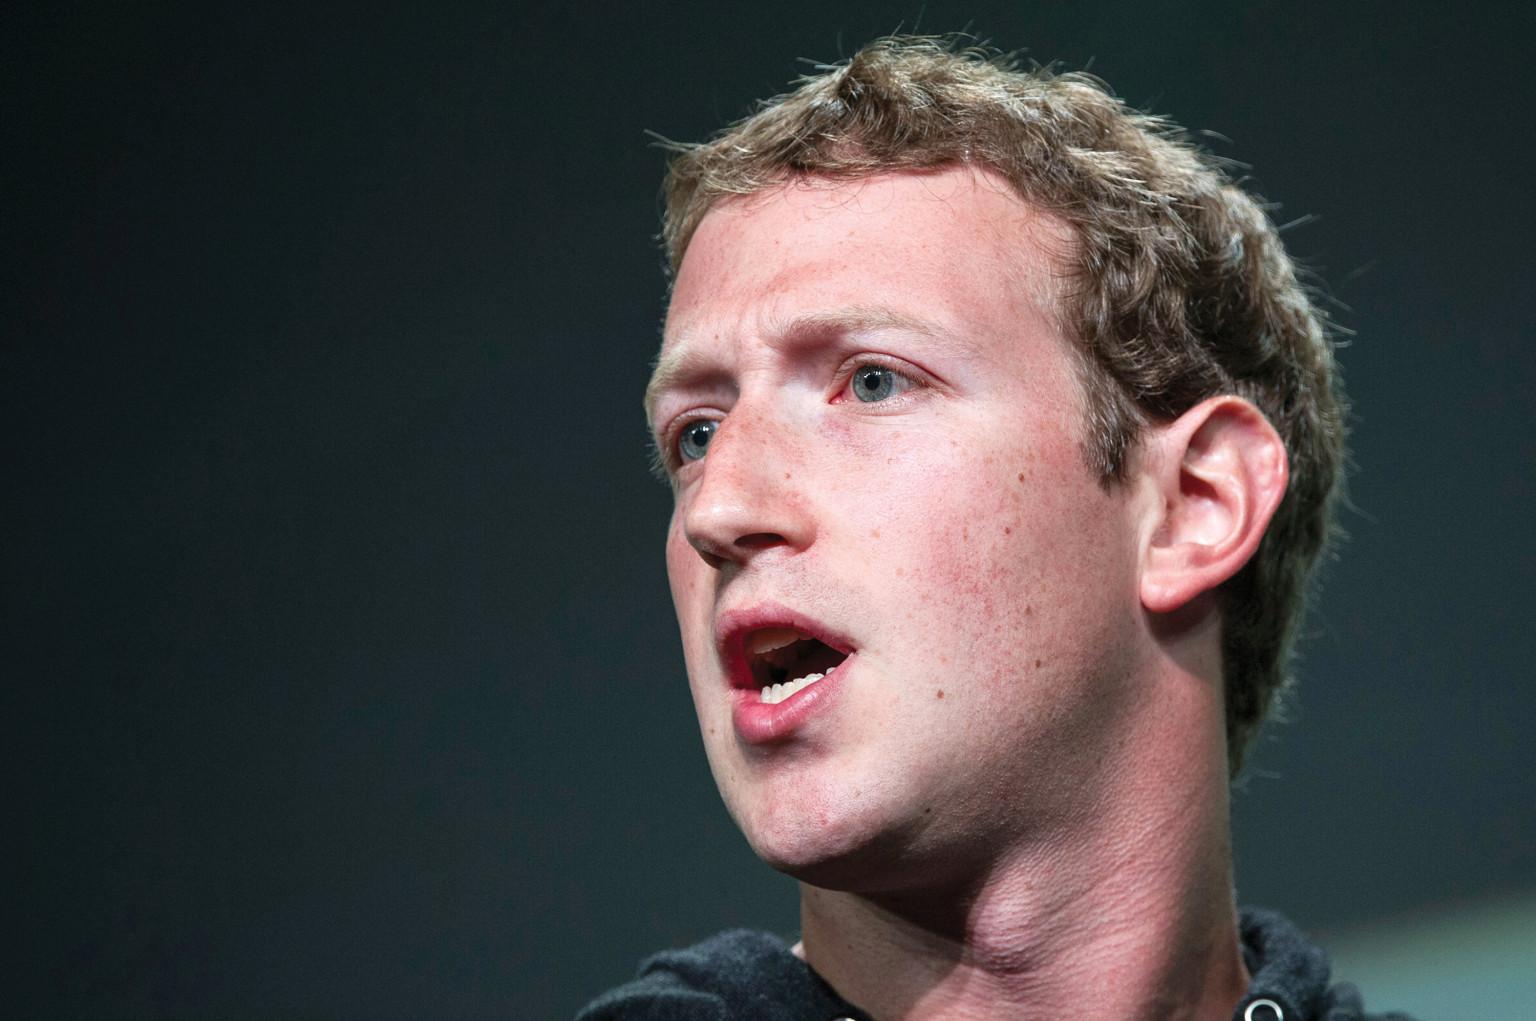 Apple, Facebook and Google condemn Texas transgender bill